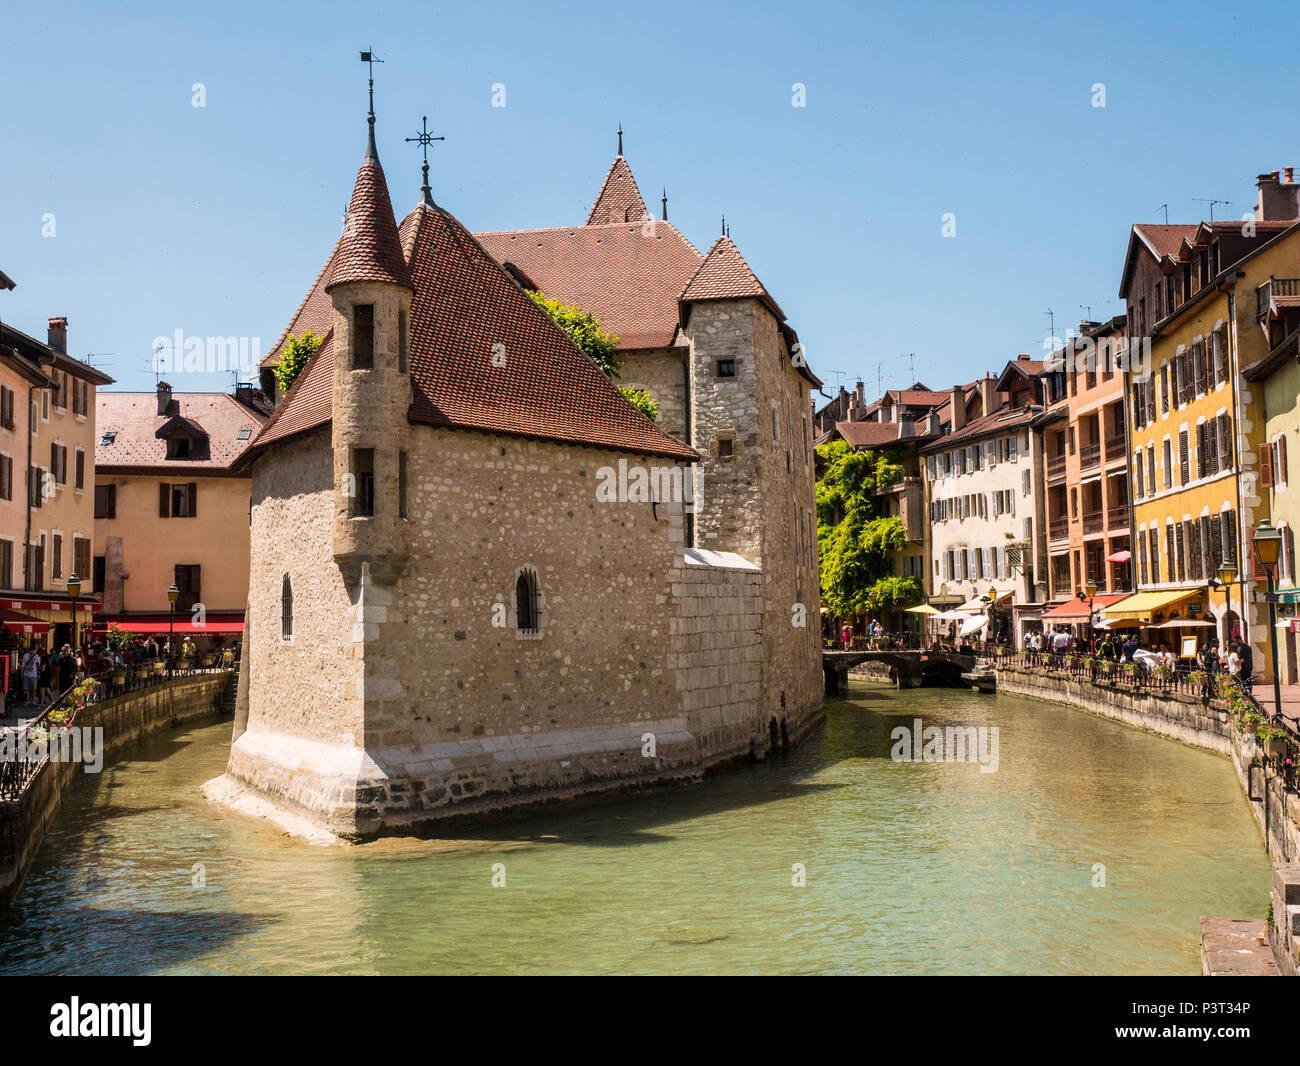 Paesaggio con antica prigione ora museo nella città vecchia di Annecy. Francia Immagini Stock